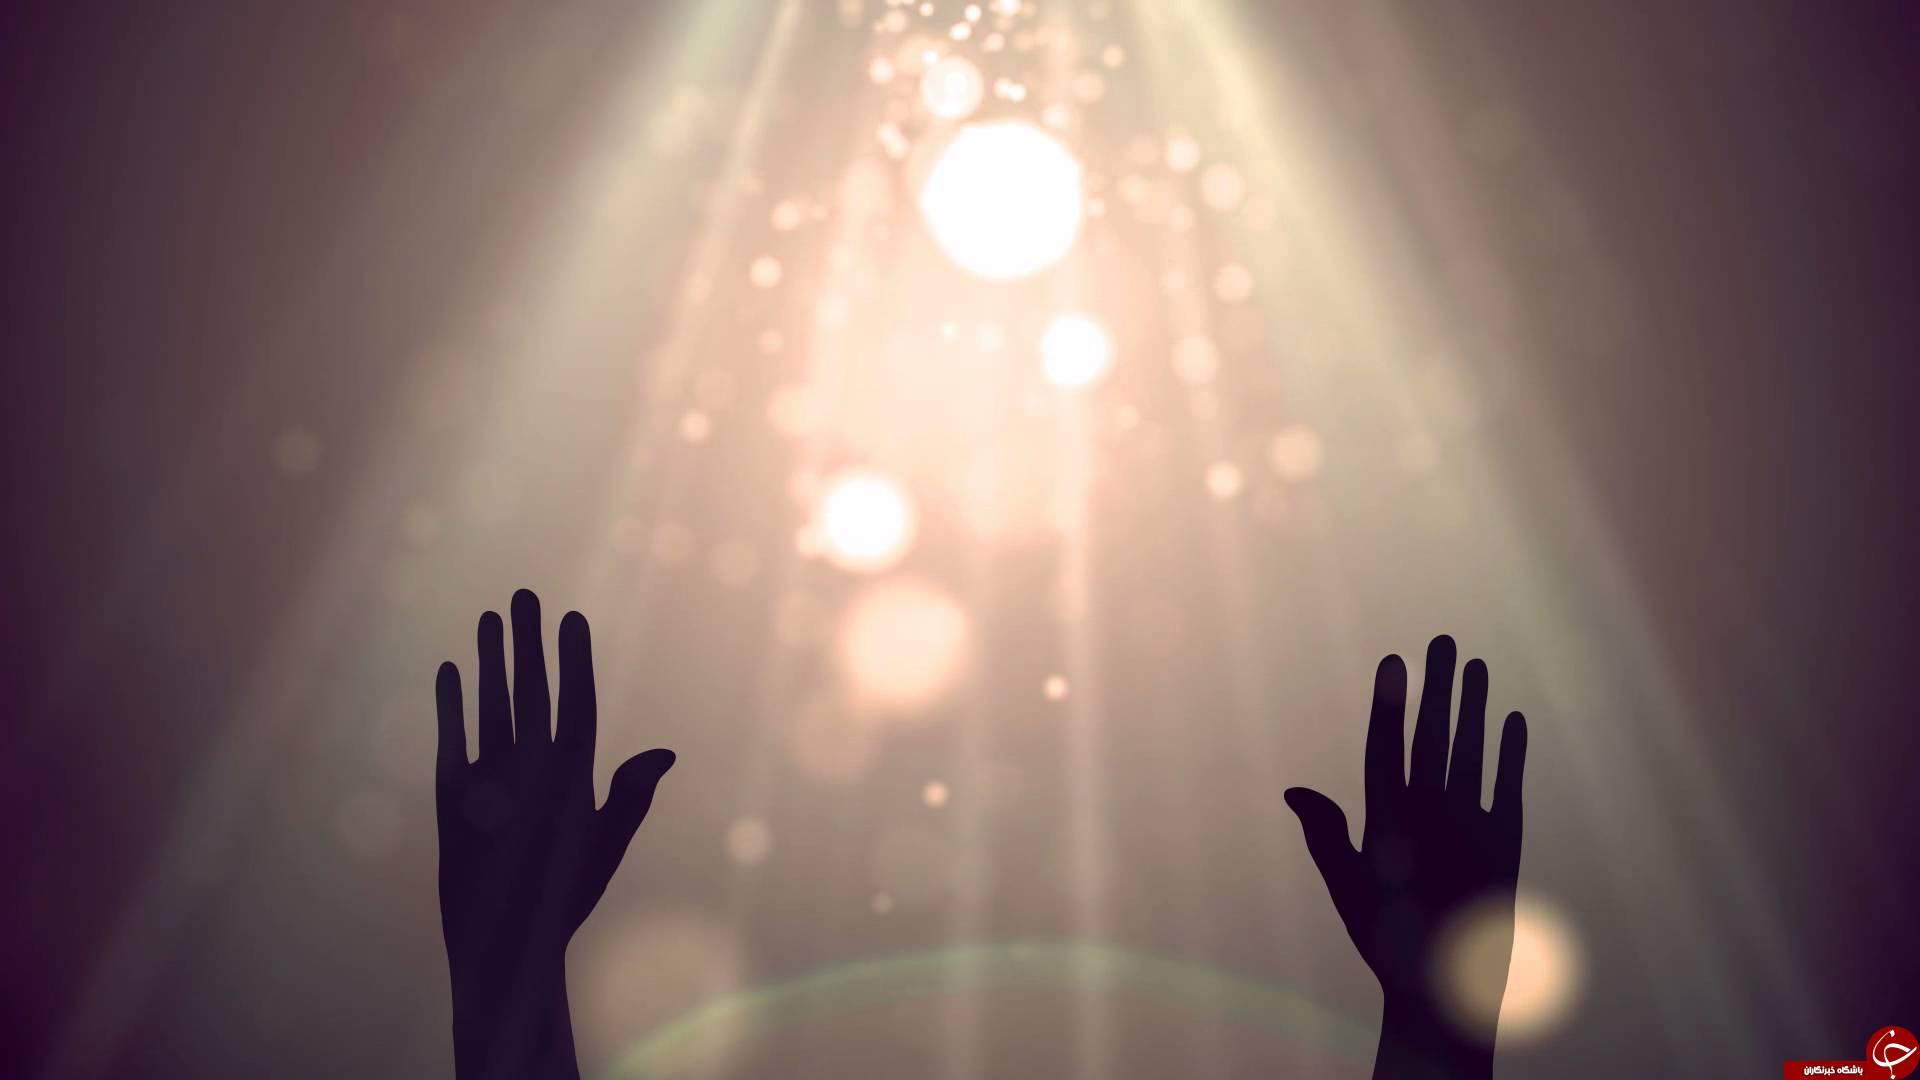 بررسی پرستش و عبادت در ادیان مختلف/ پرستش در اسلام به چه معناست؟!